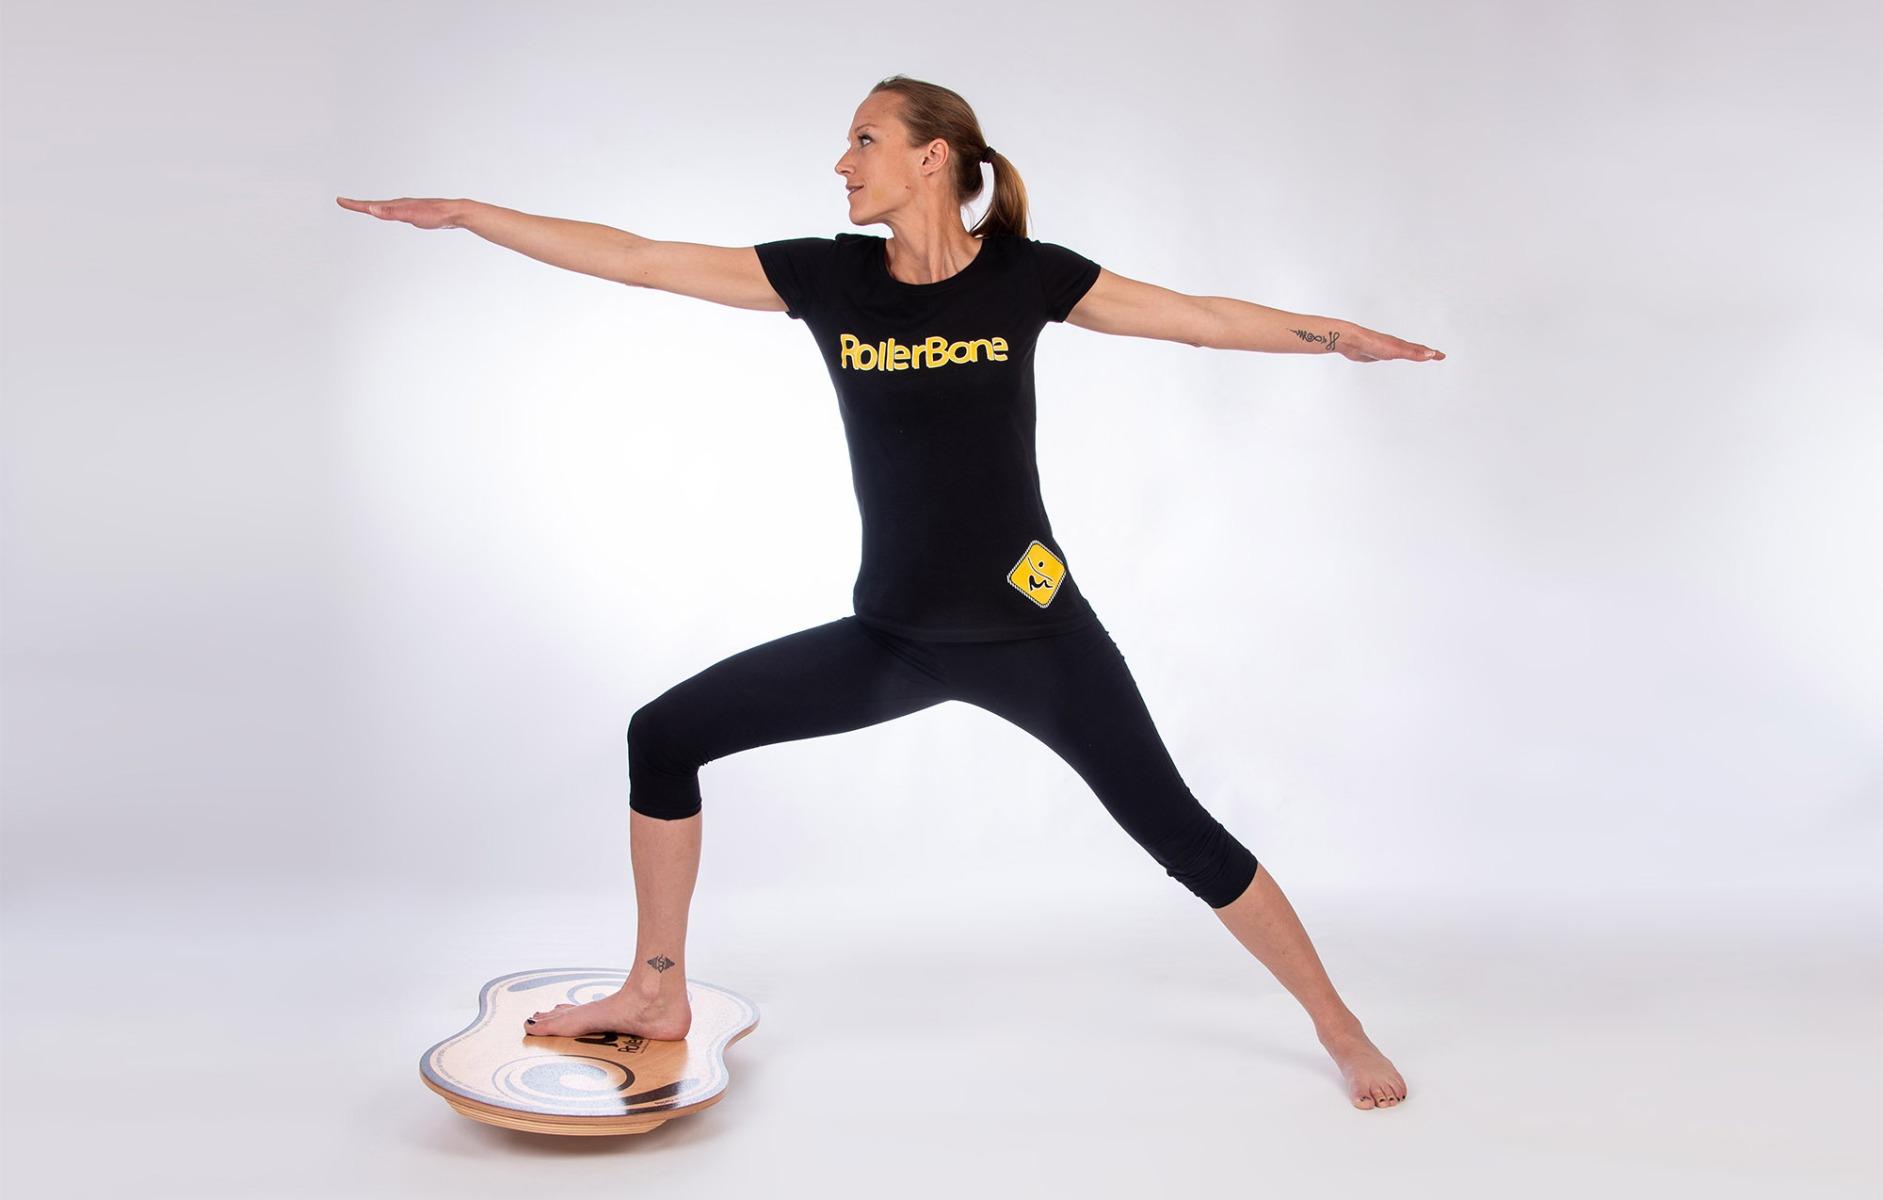 Rollerbone Yoga, Training Balance Board